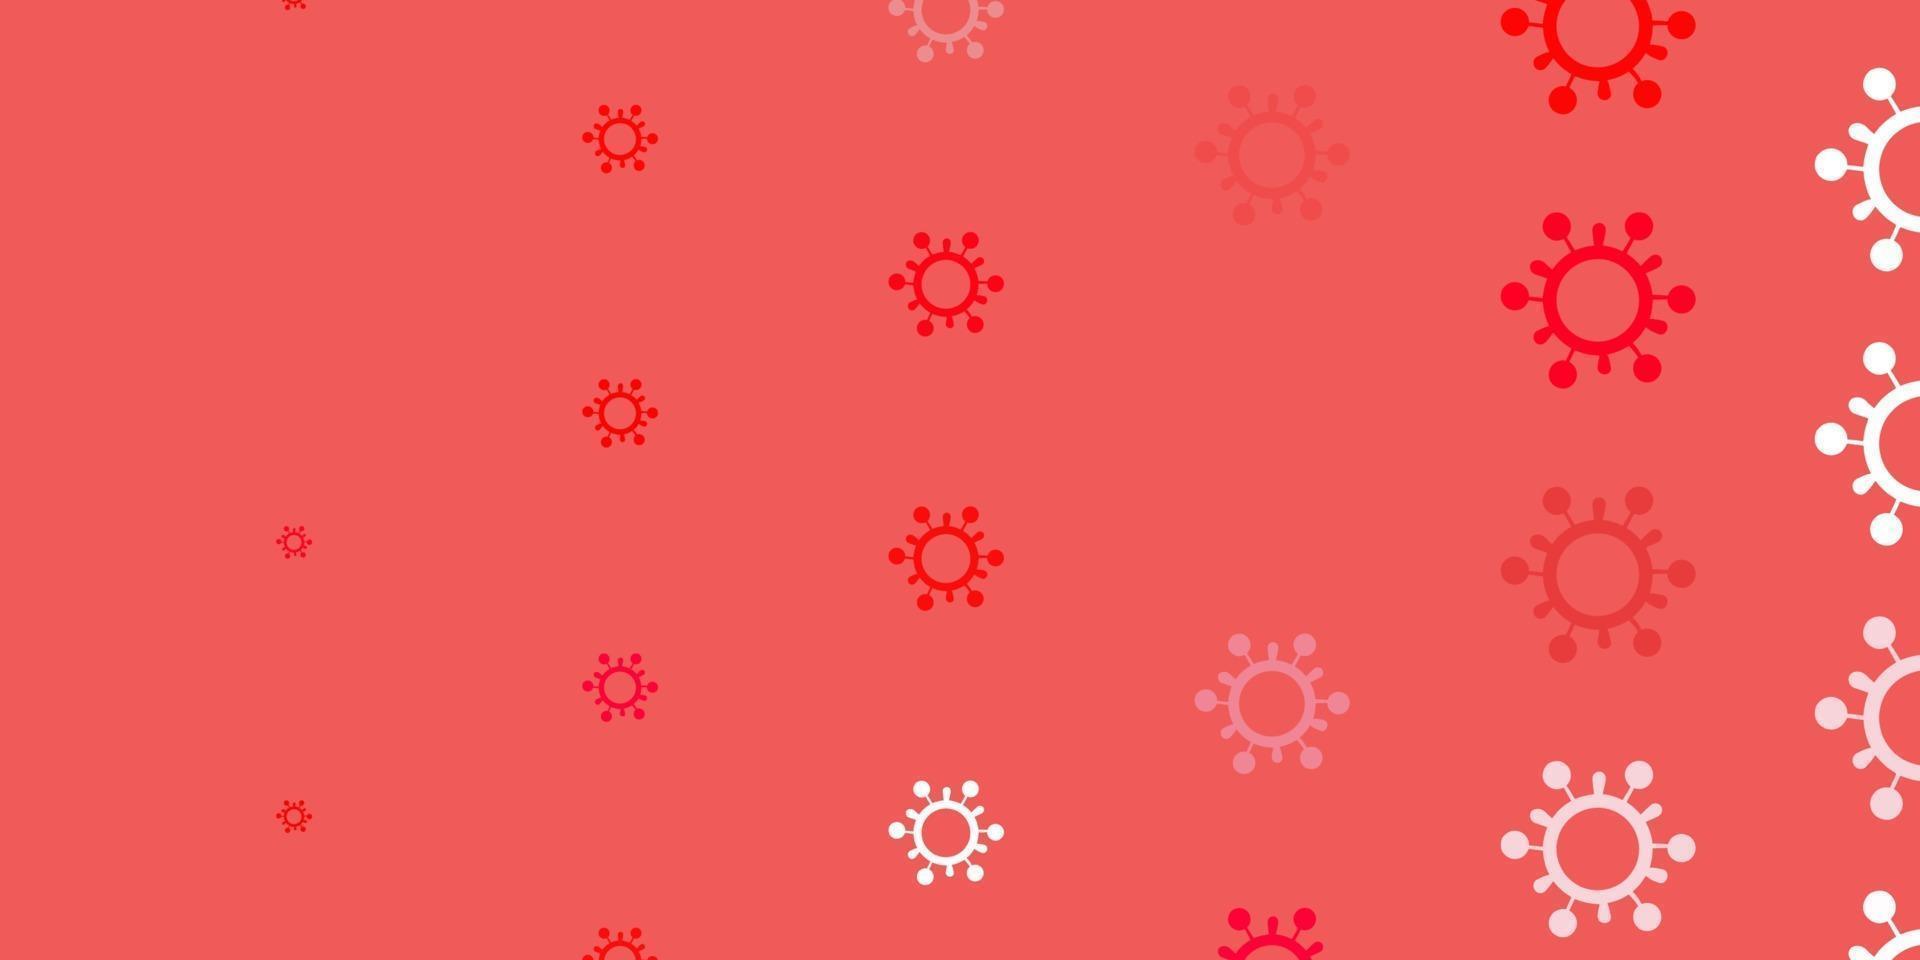 fundo vector rosa claro, vermelho com símbolos covid-19.